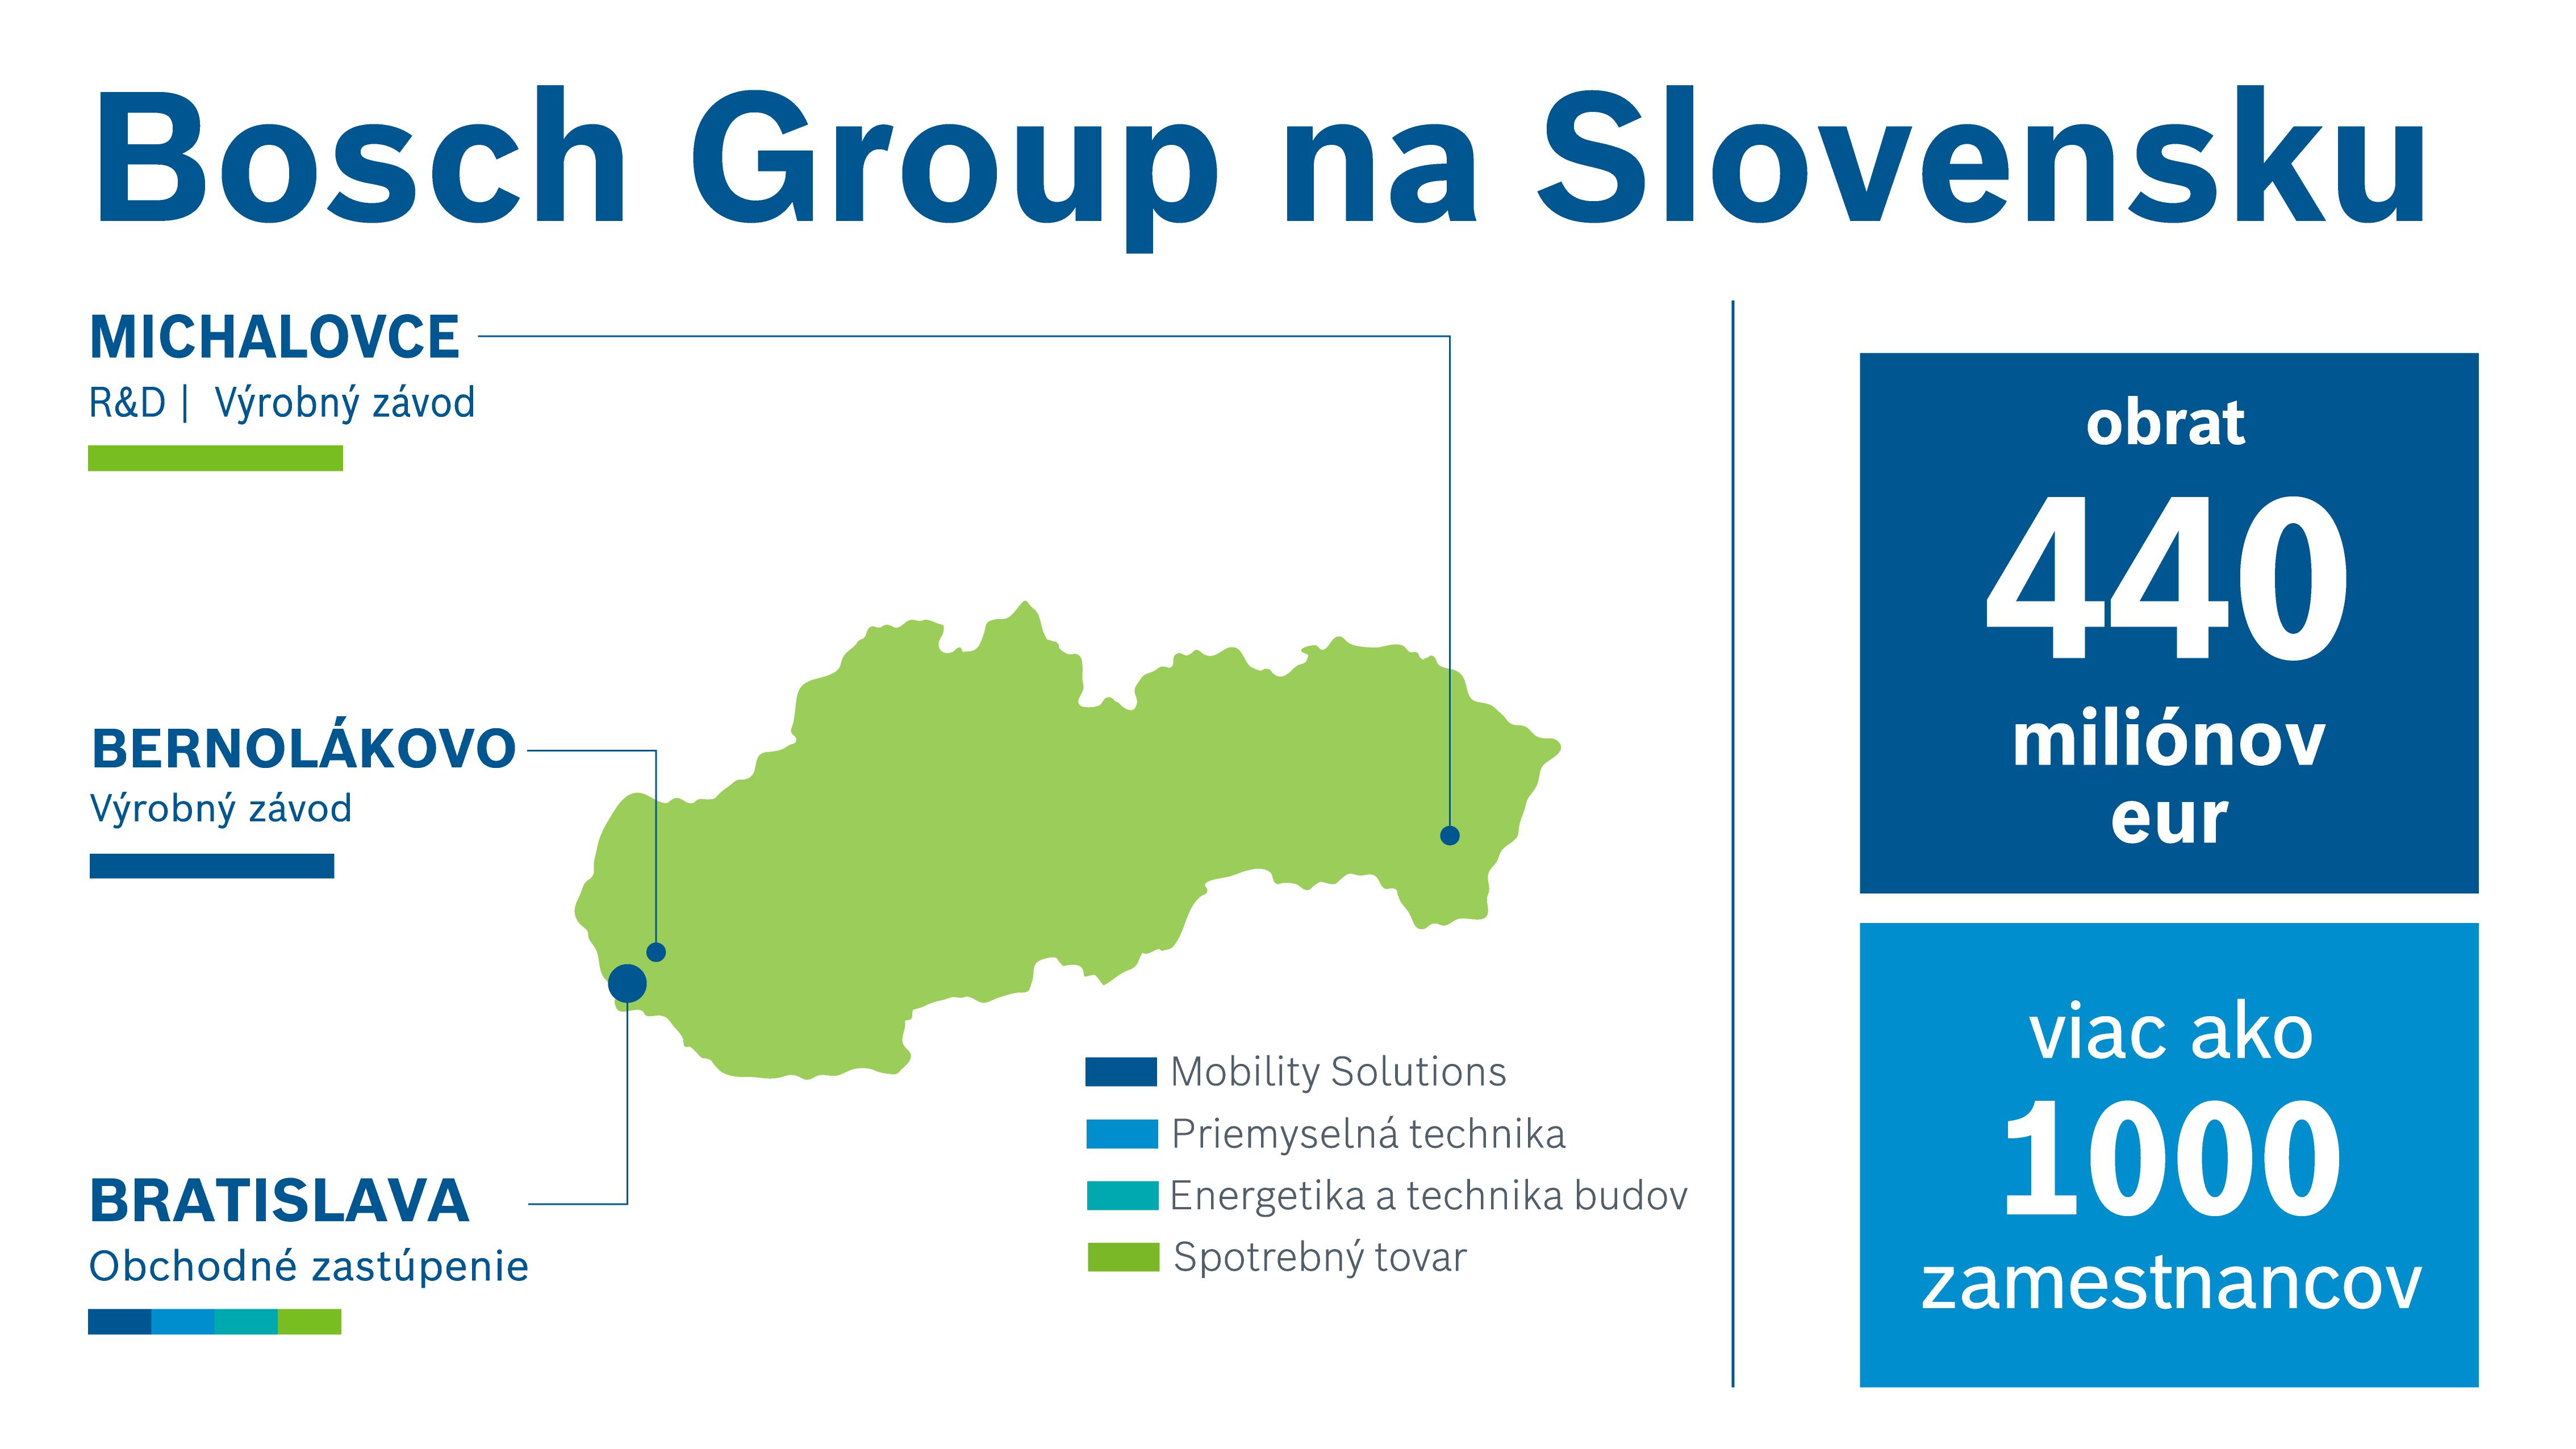 Bosch na Slovensku sídlí vo troch lokalitách.